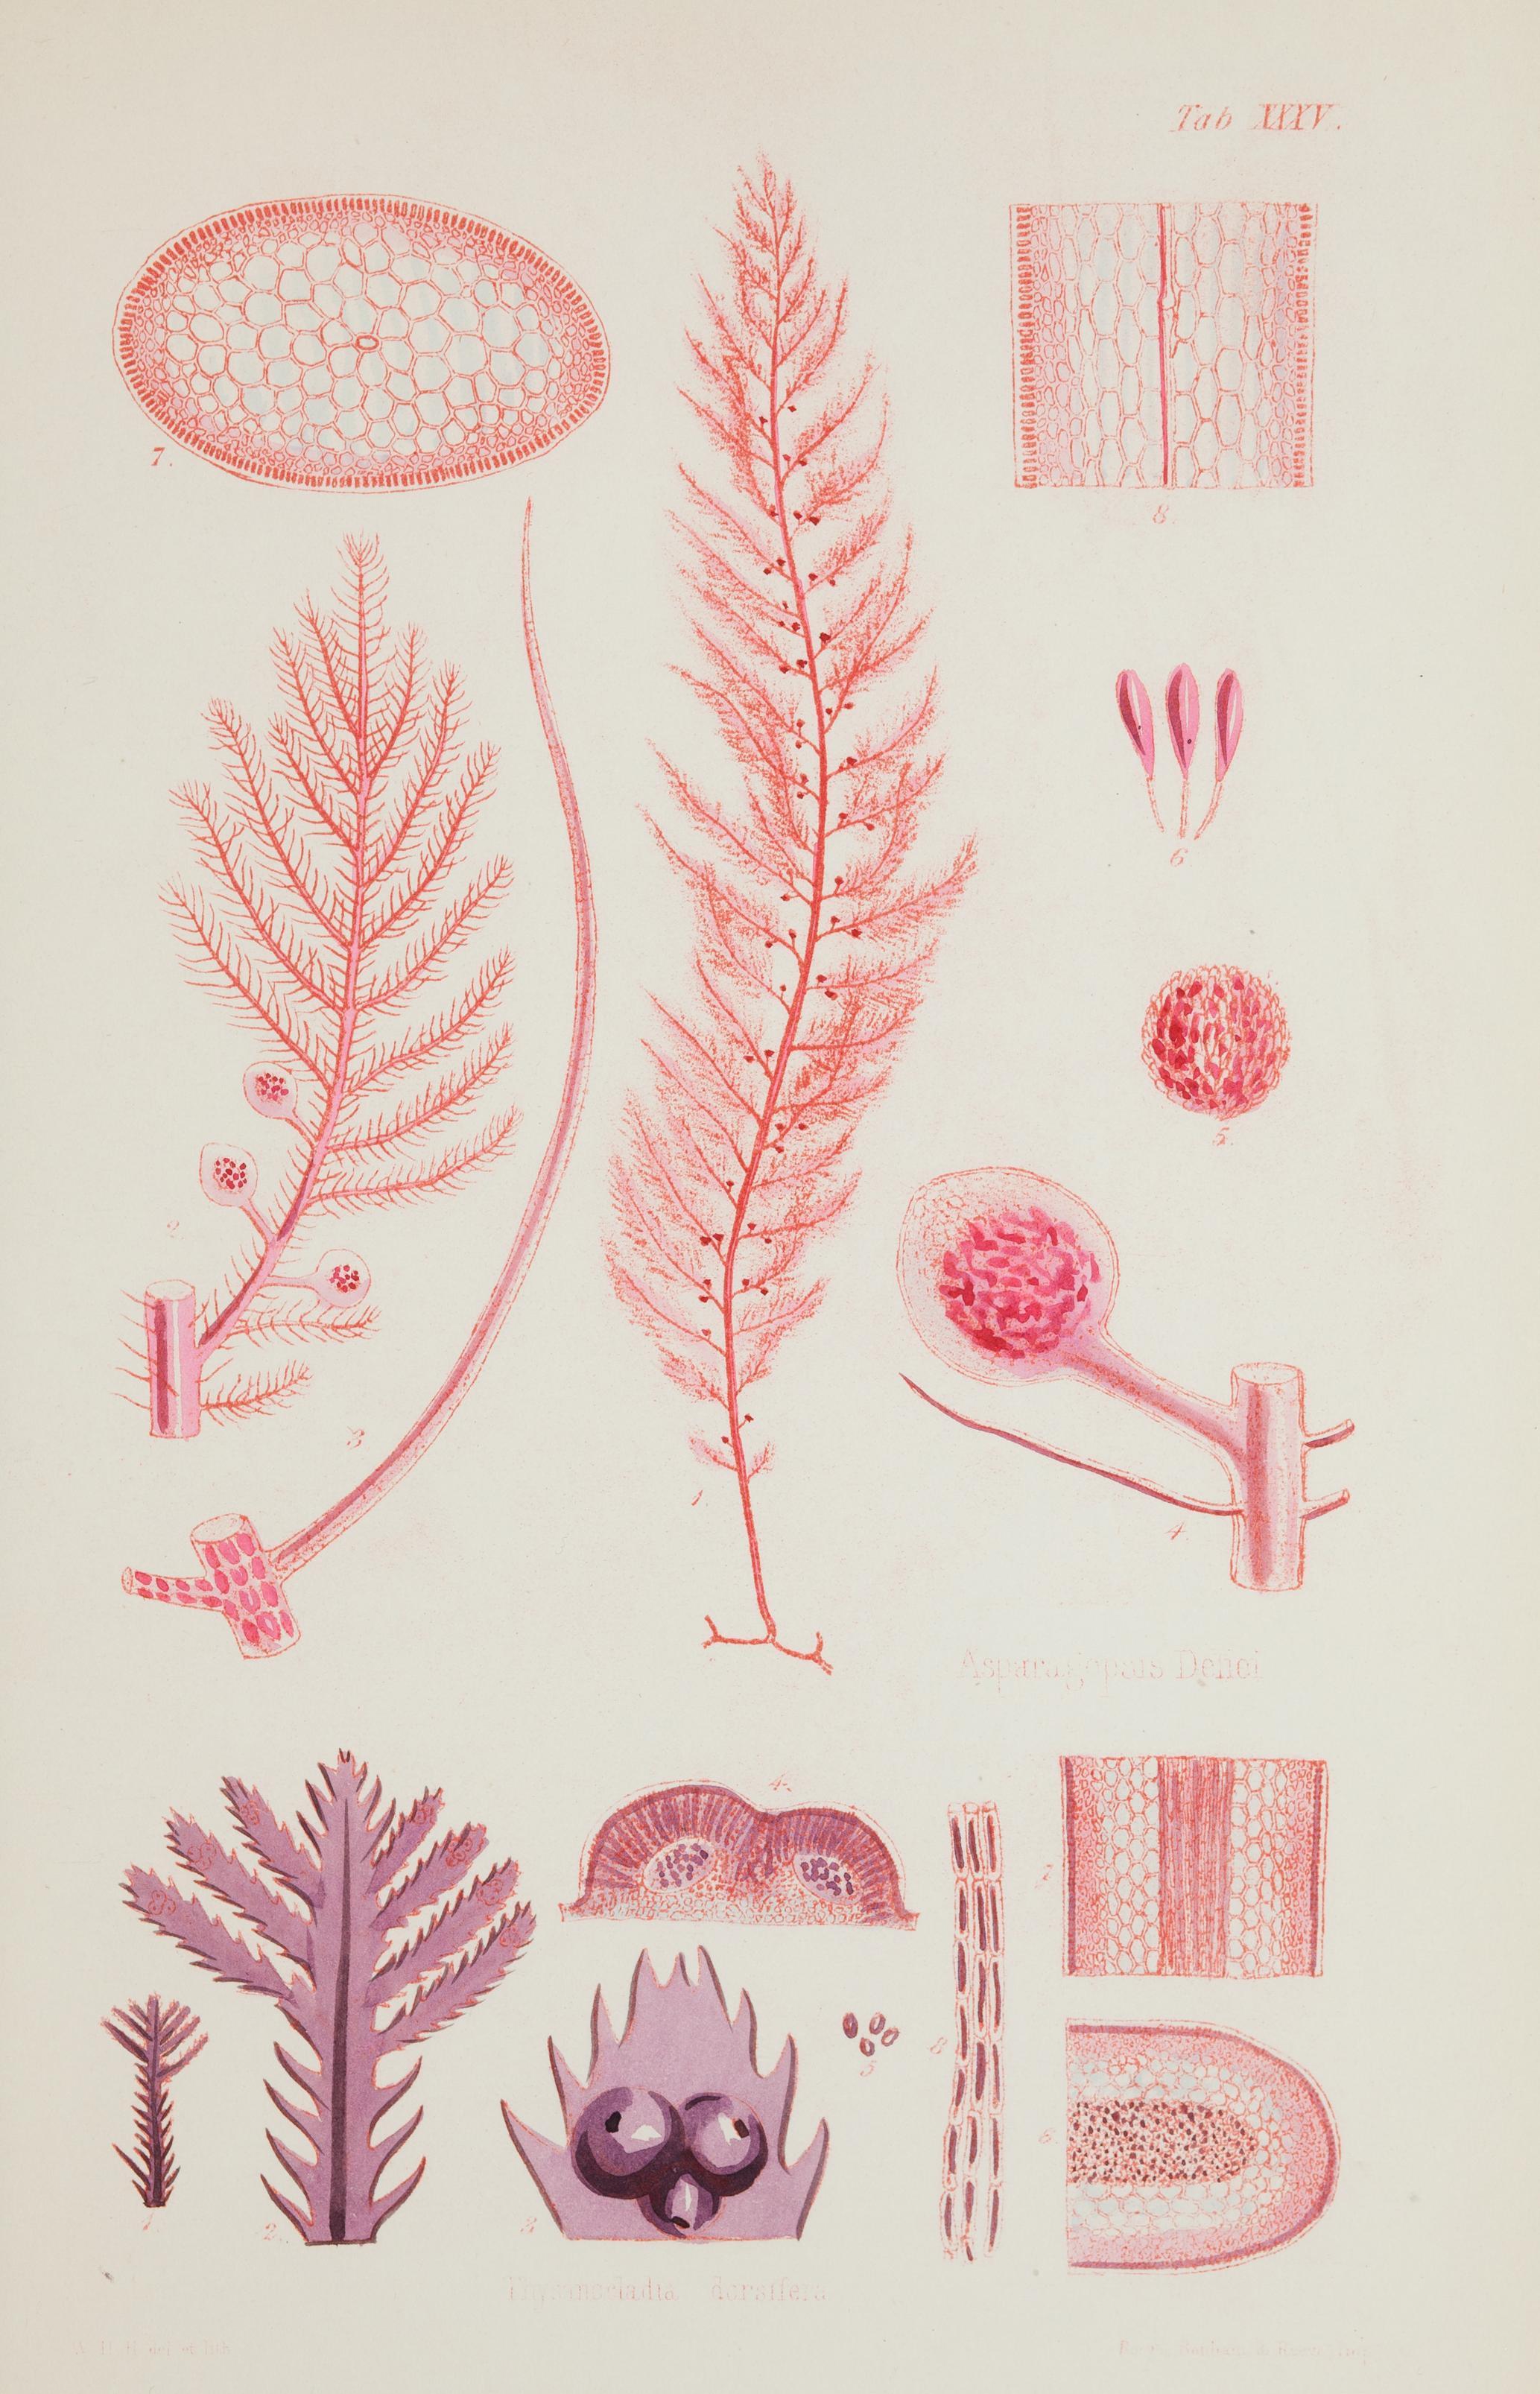 Image of Red asparagus algae